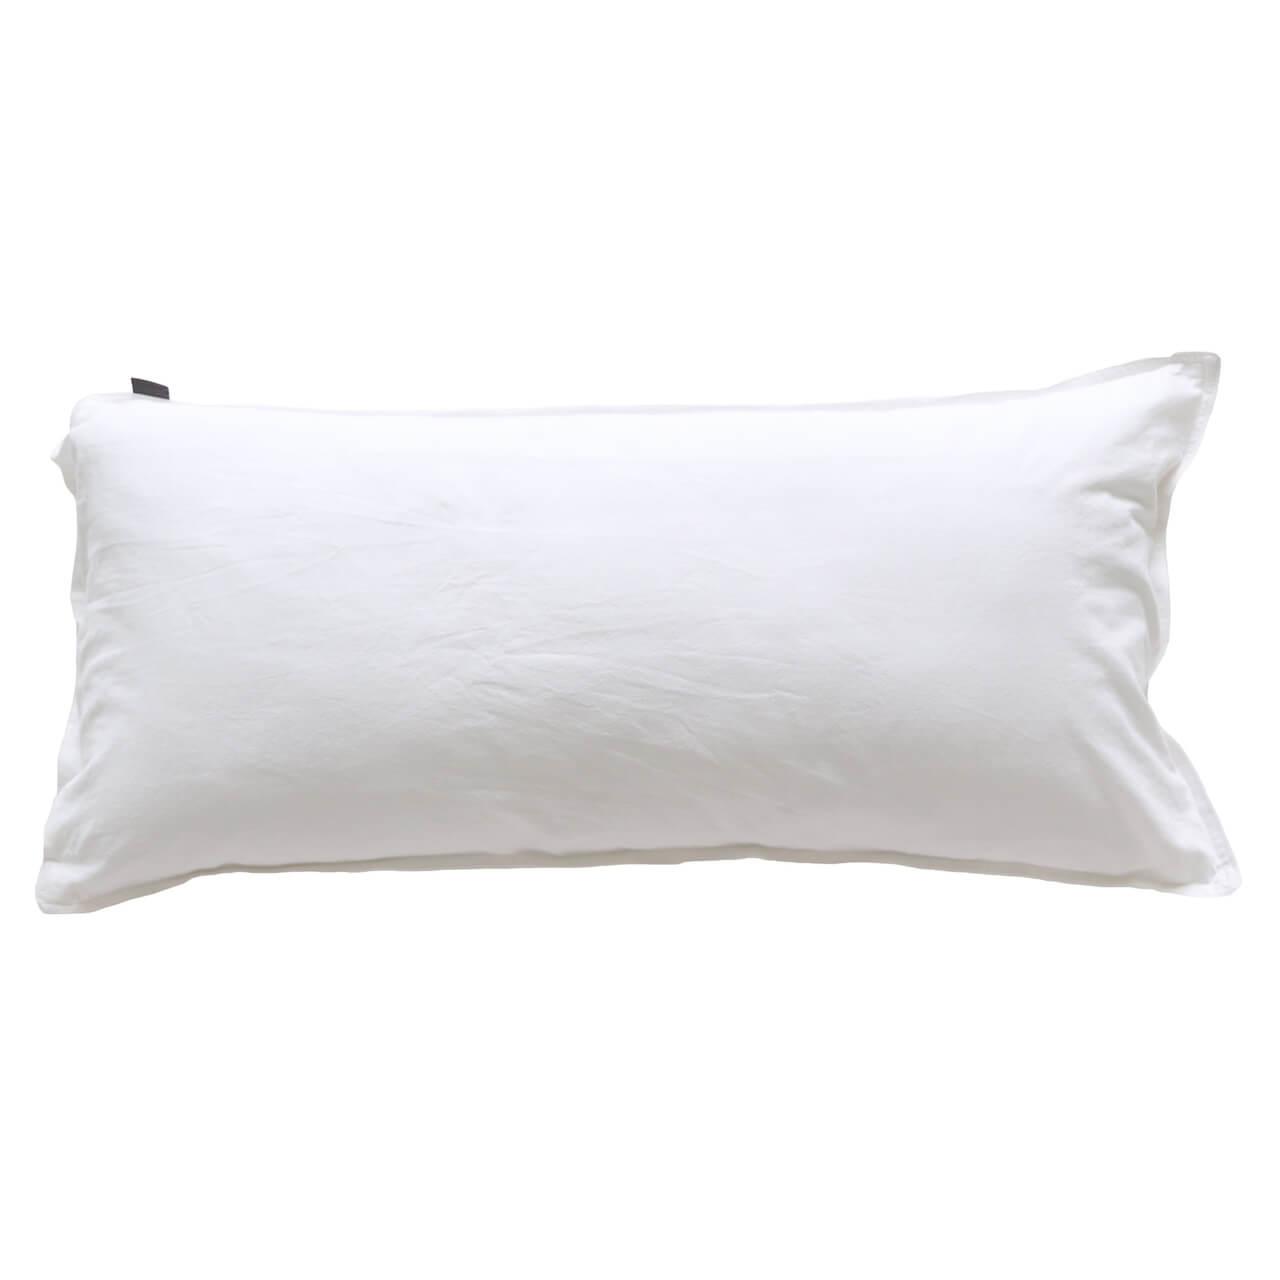 Kissenbezüge Vintage Washed Cotton Mit Knöpfen 2x 40x80 Cm Weiß